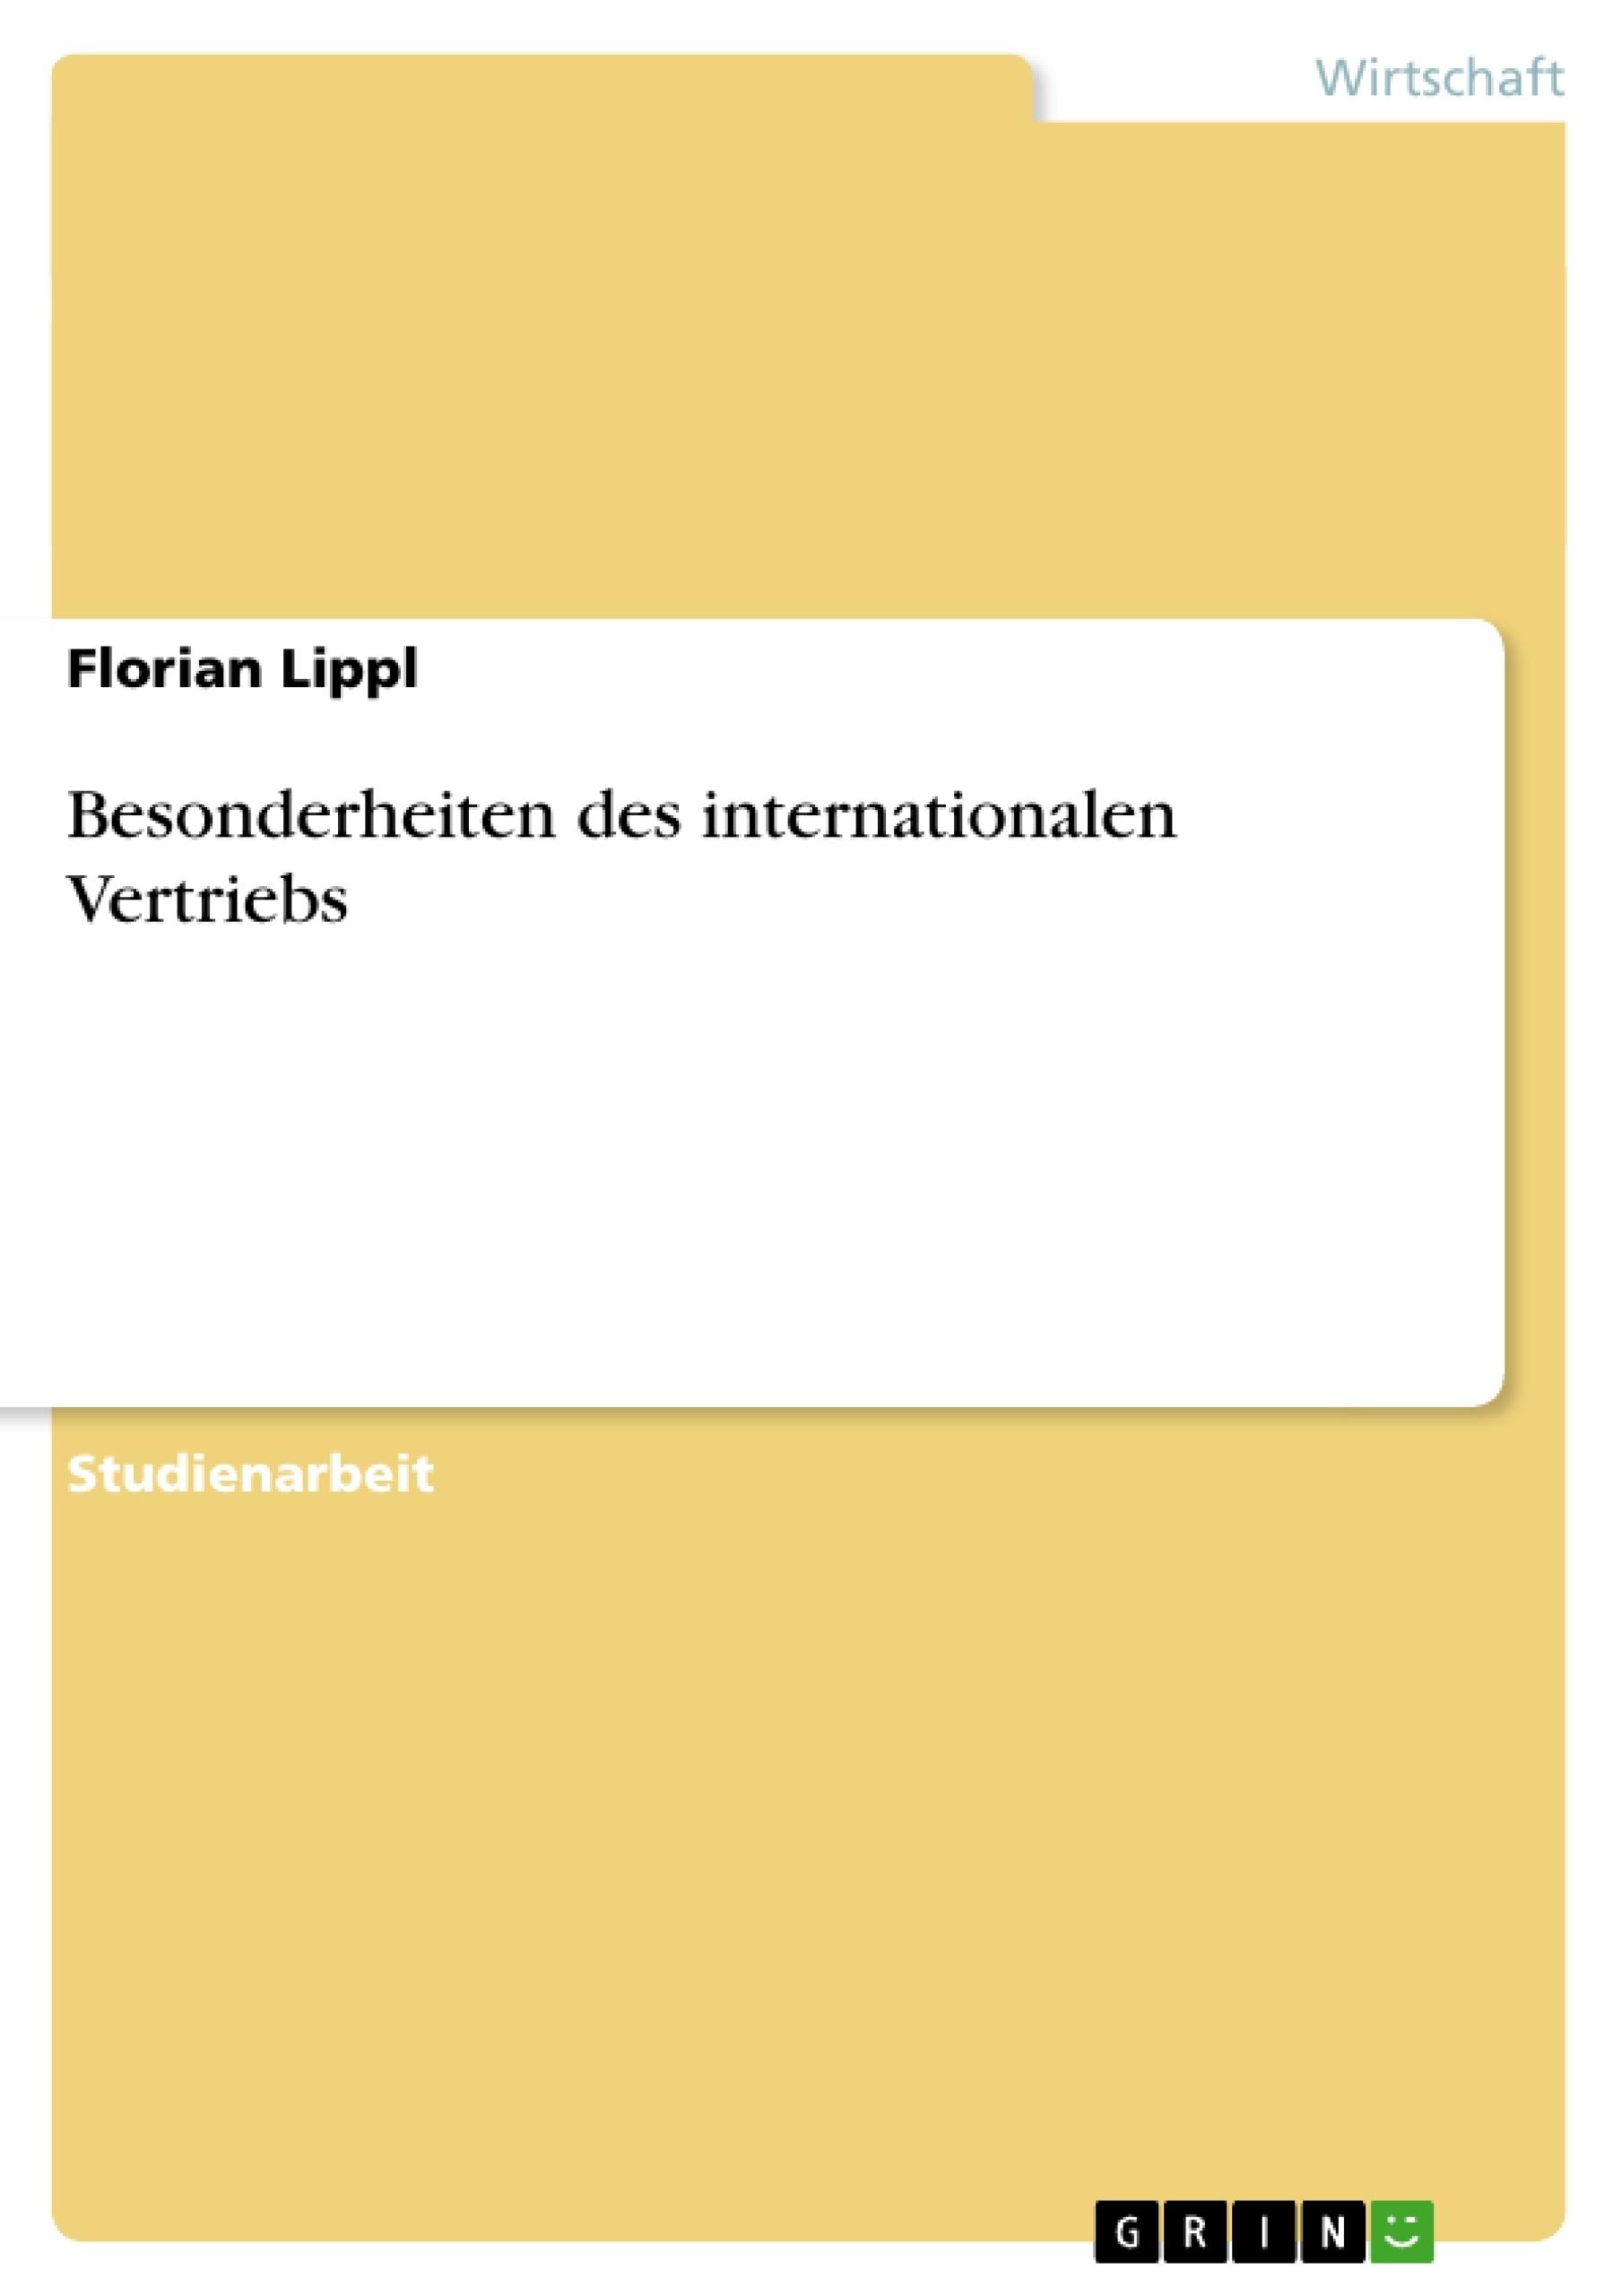 Titel: Besonderheiten des internationalen Vertriebs